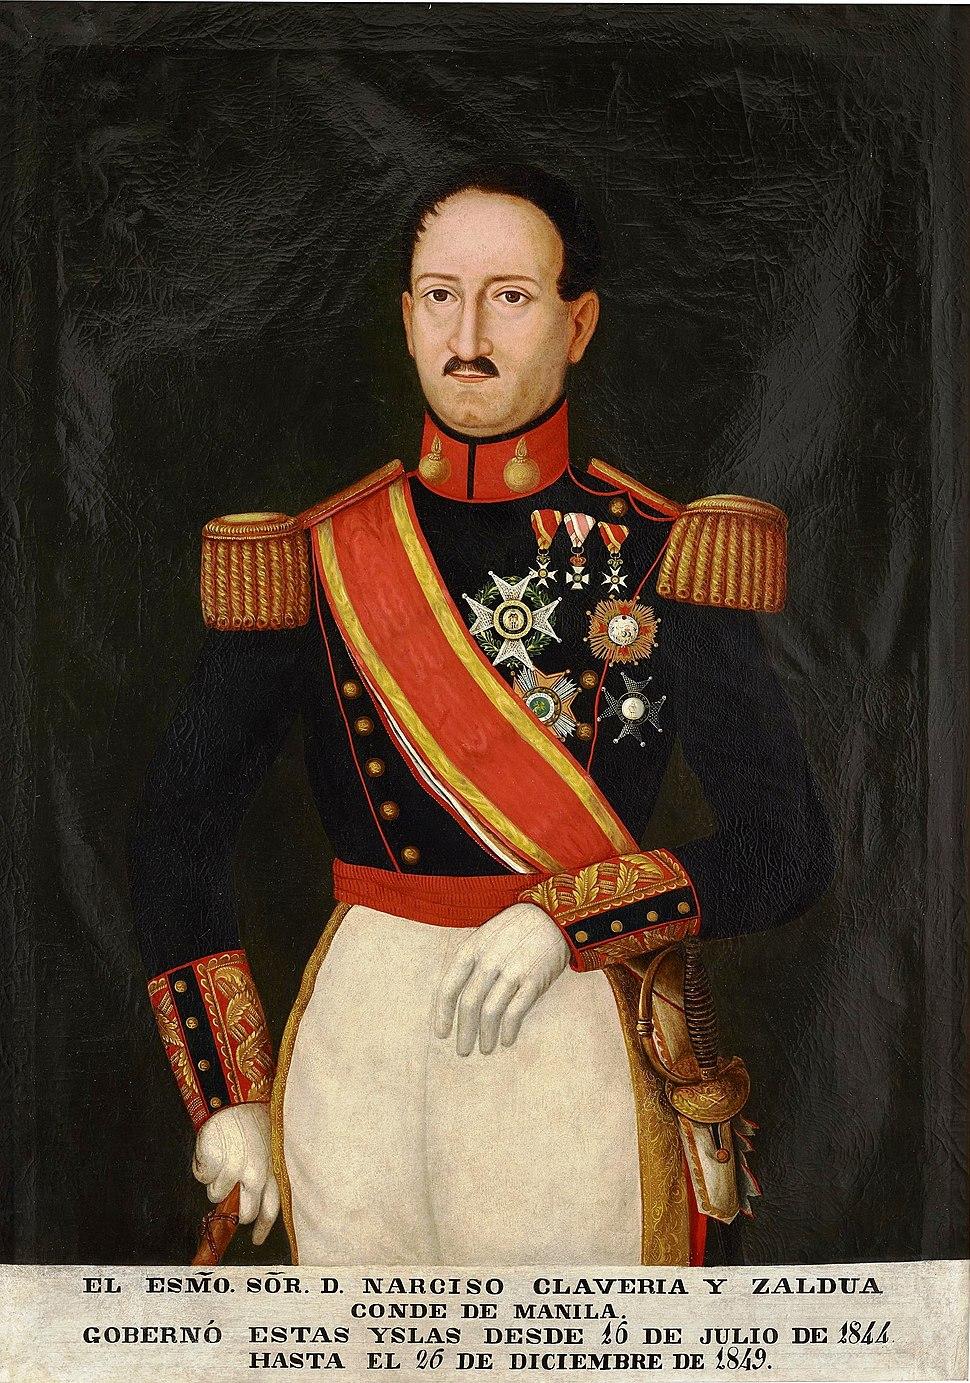 El teniente general Narciso Clavería y Zaldúa, conde de Manila (Museo del Prado)